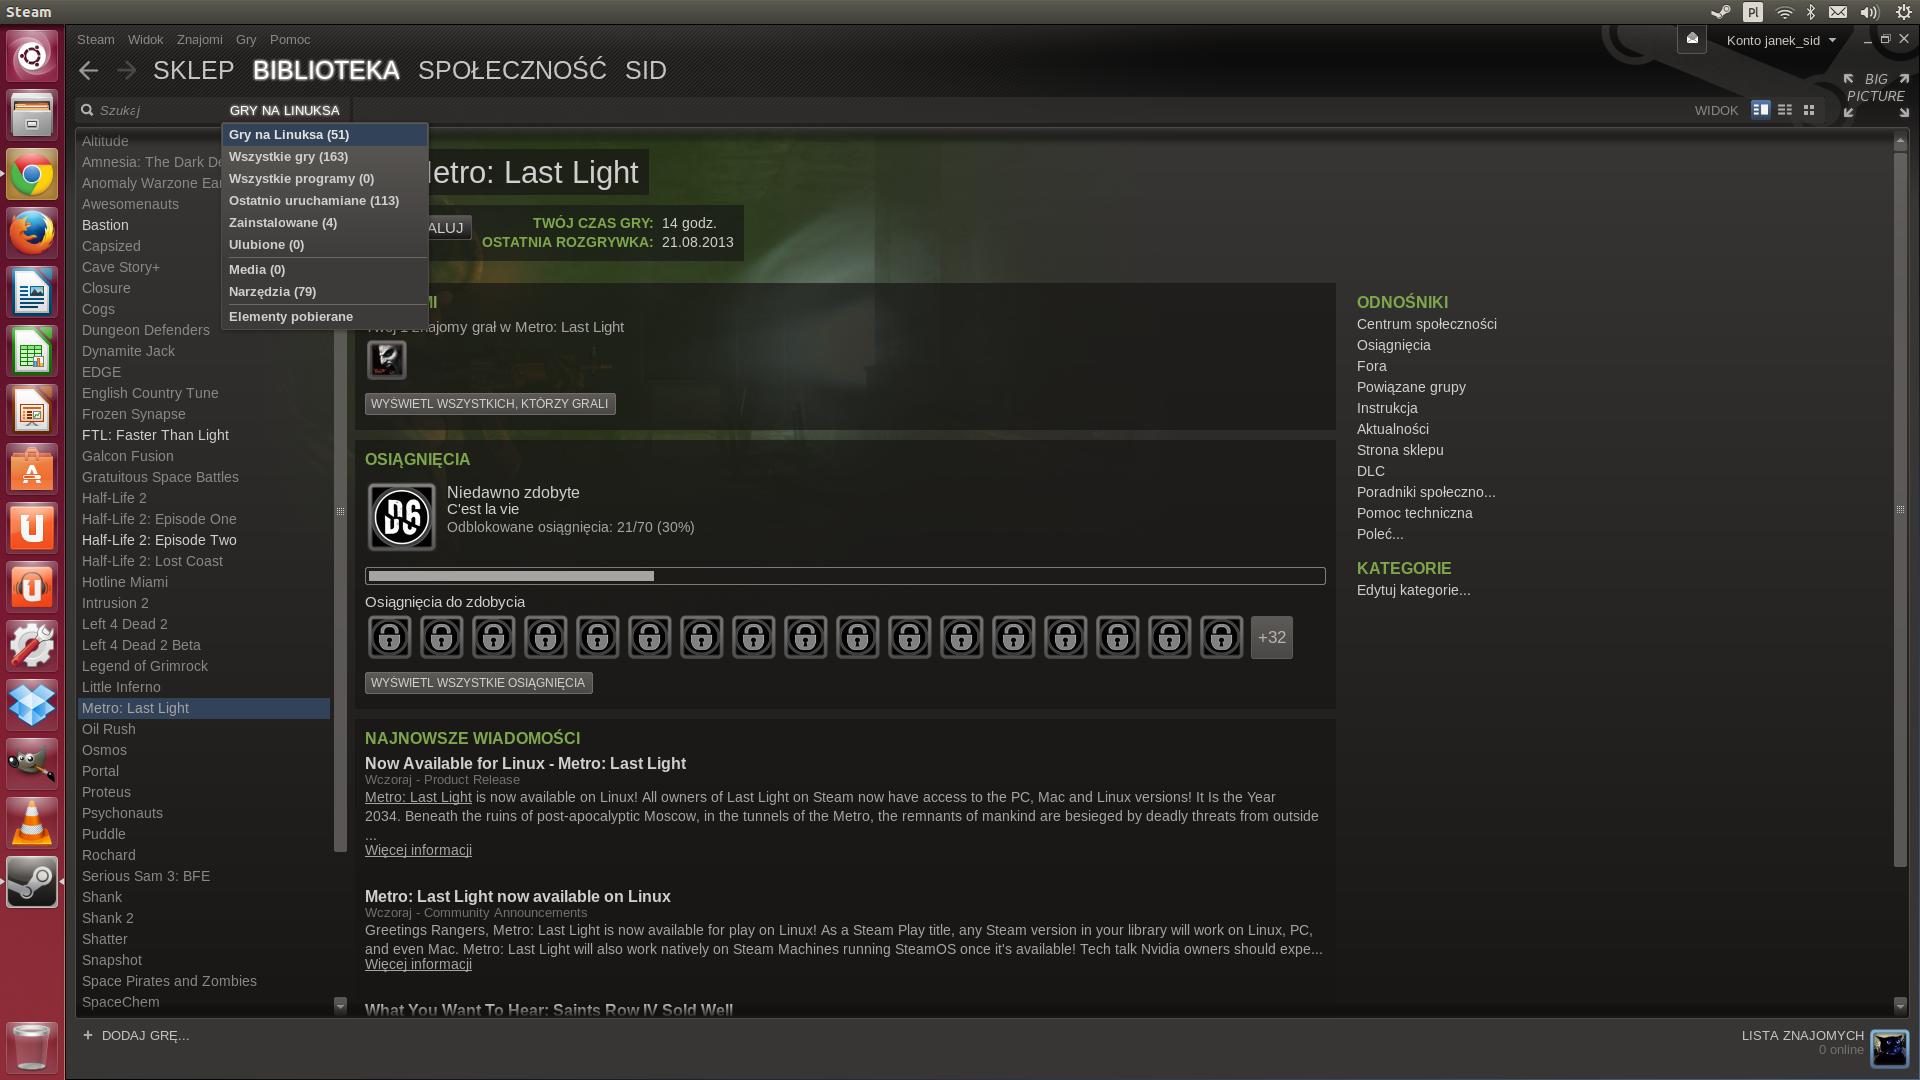 Zrzut ekranu z 2013-11-05 11:20:48